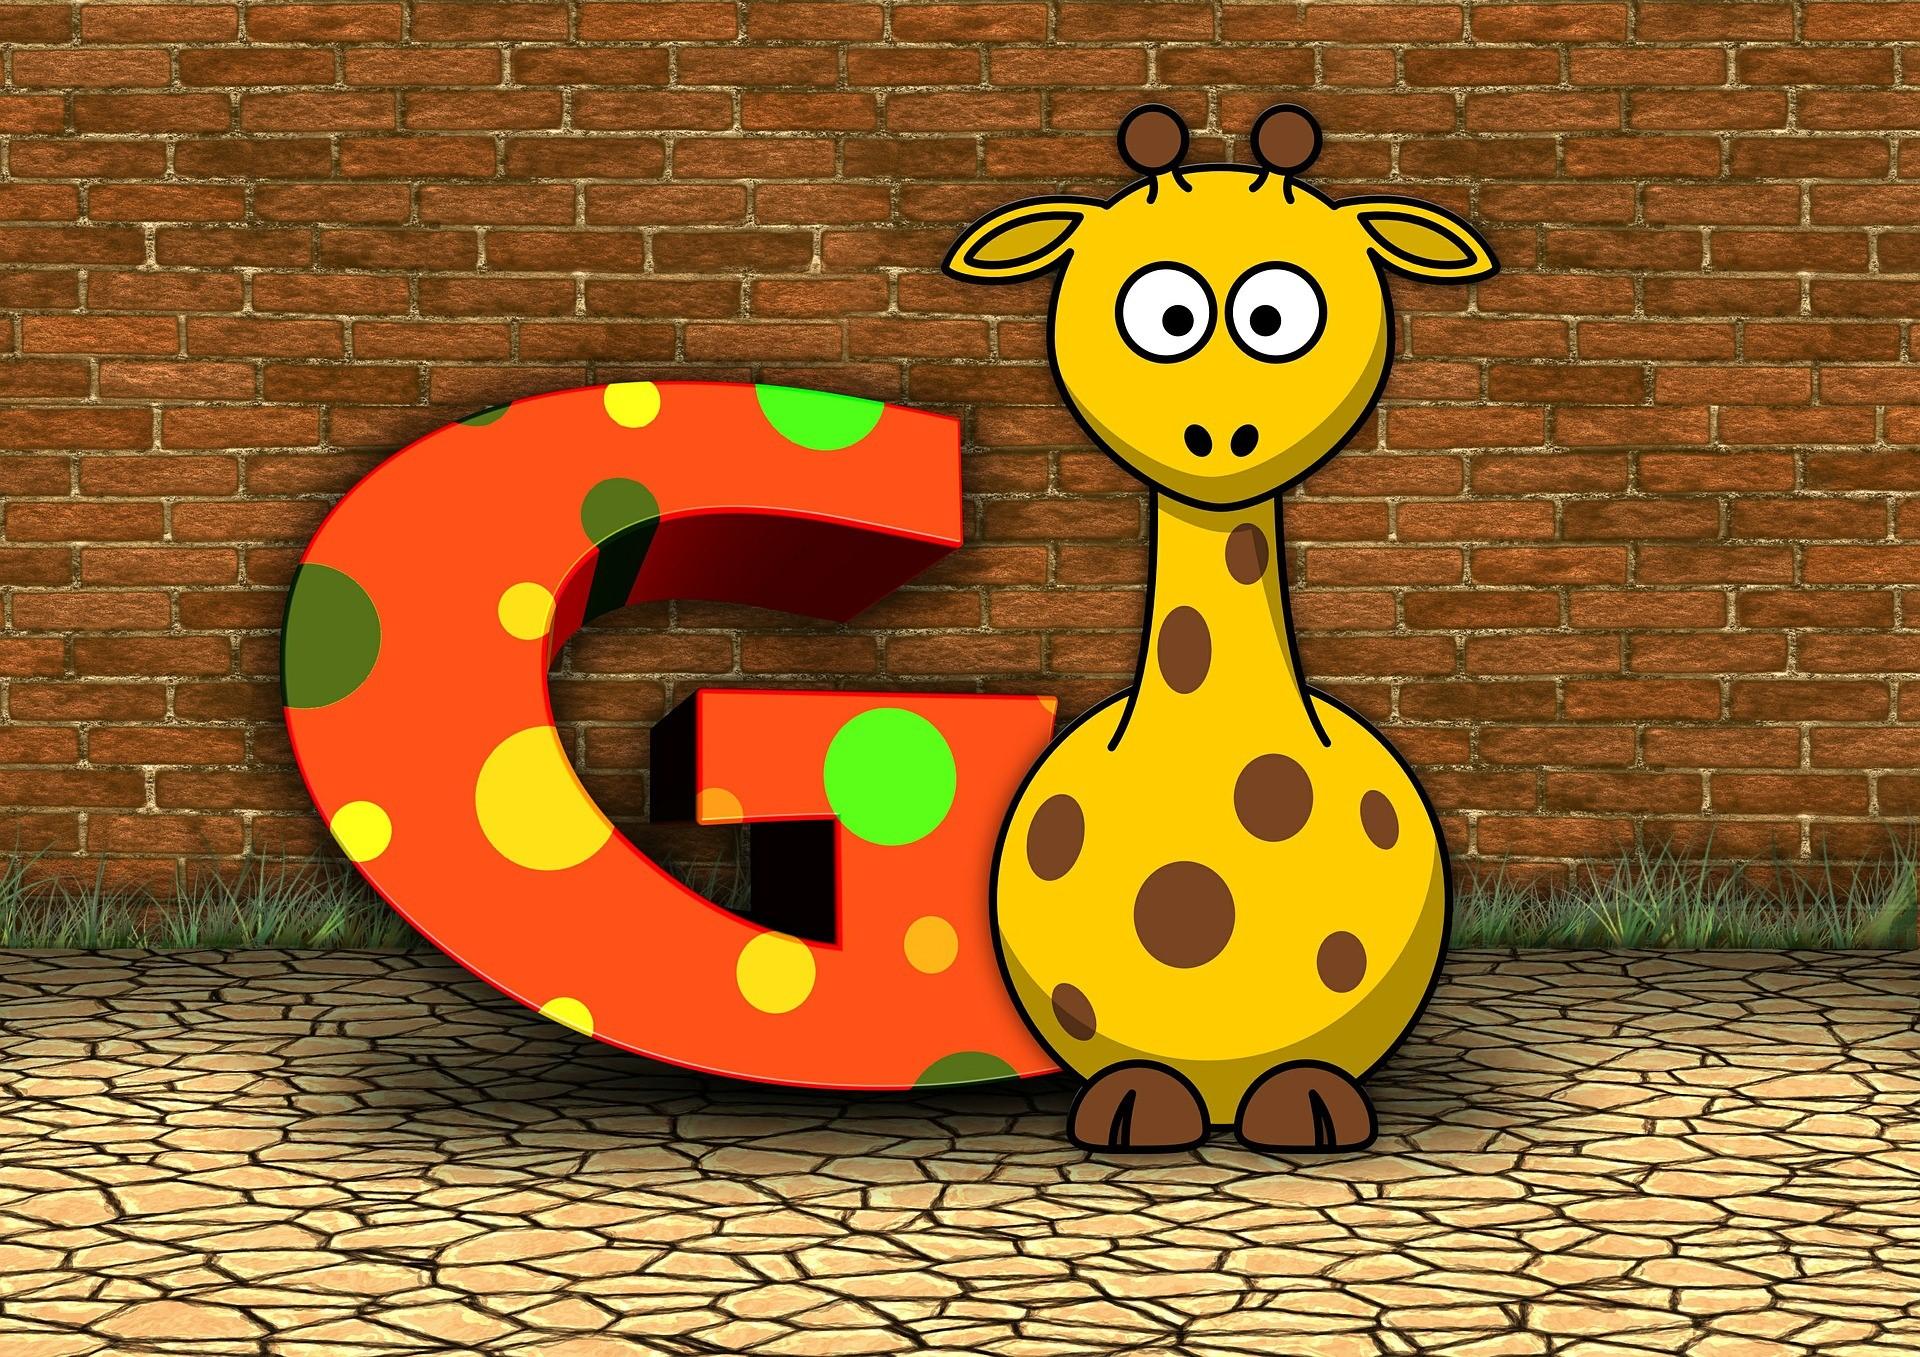 GはGiraffeのG